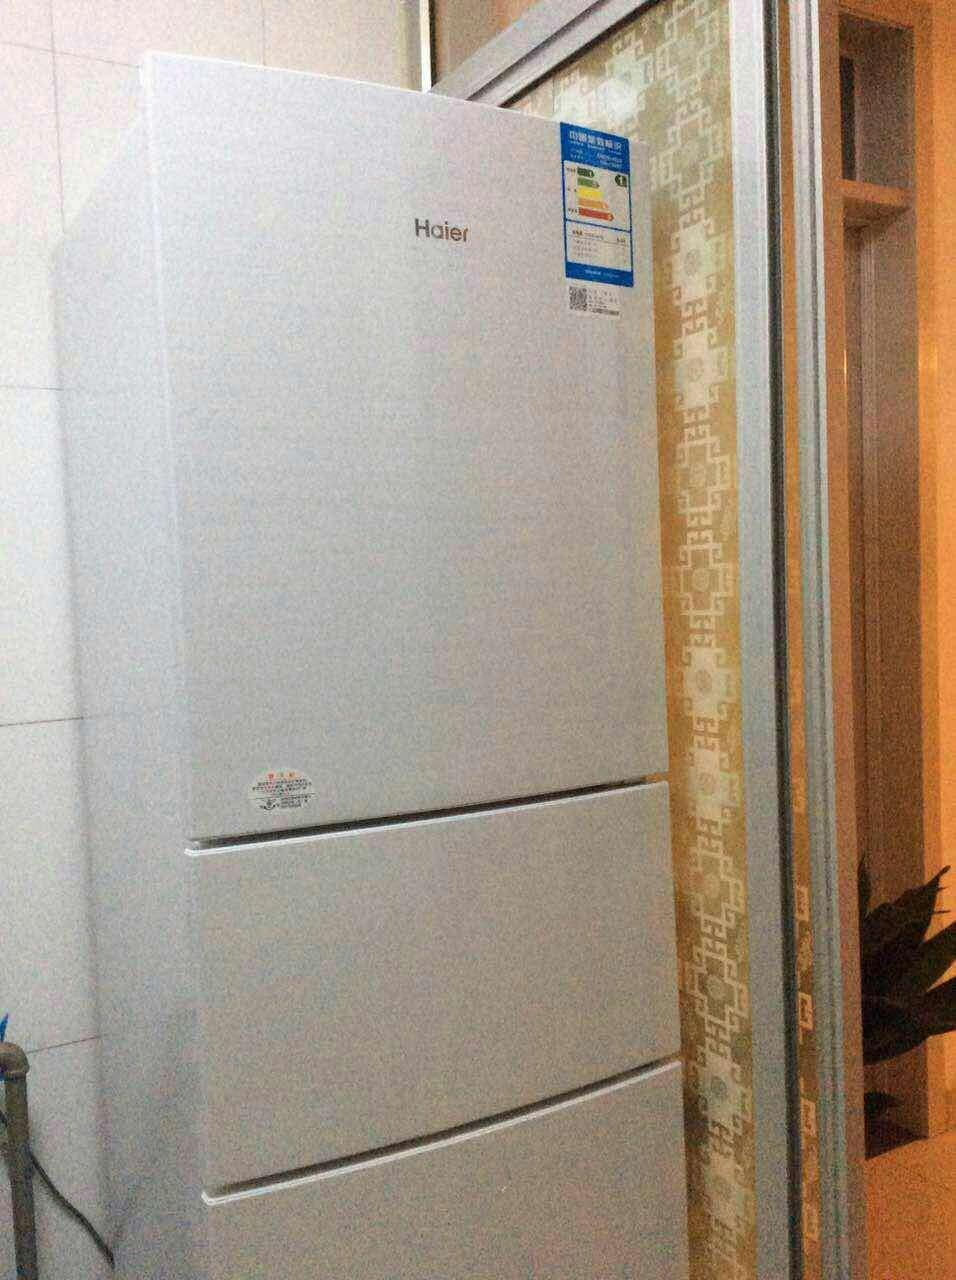 冰箱 海尔冰箱 海尔bcd-223wdpv 点评 冰箱真的是物美价廉,.